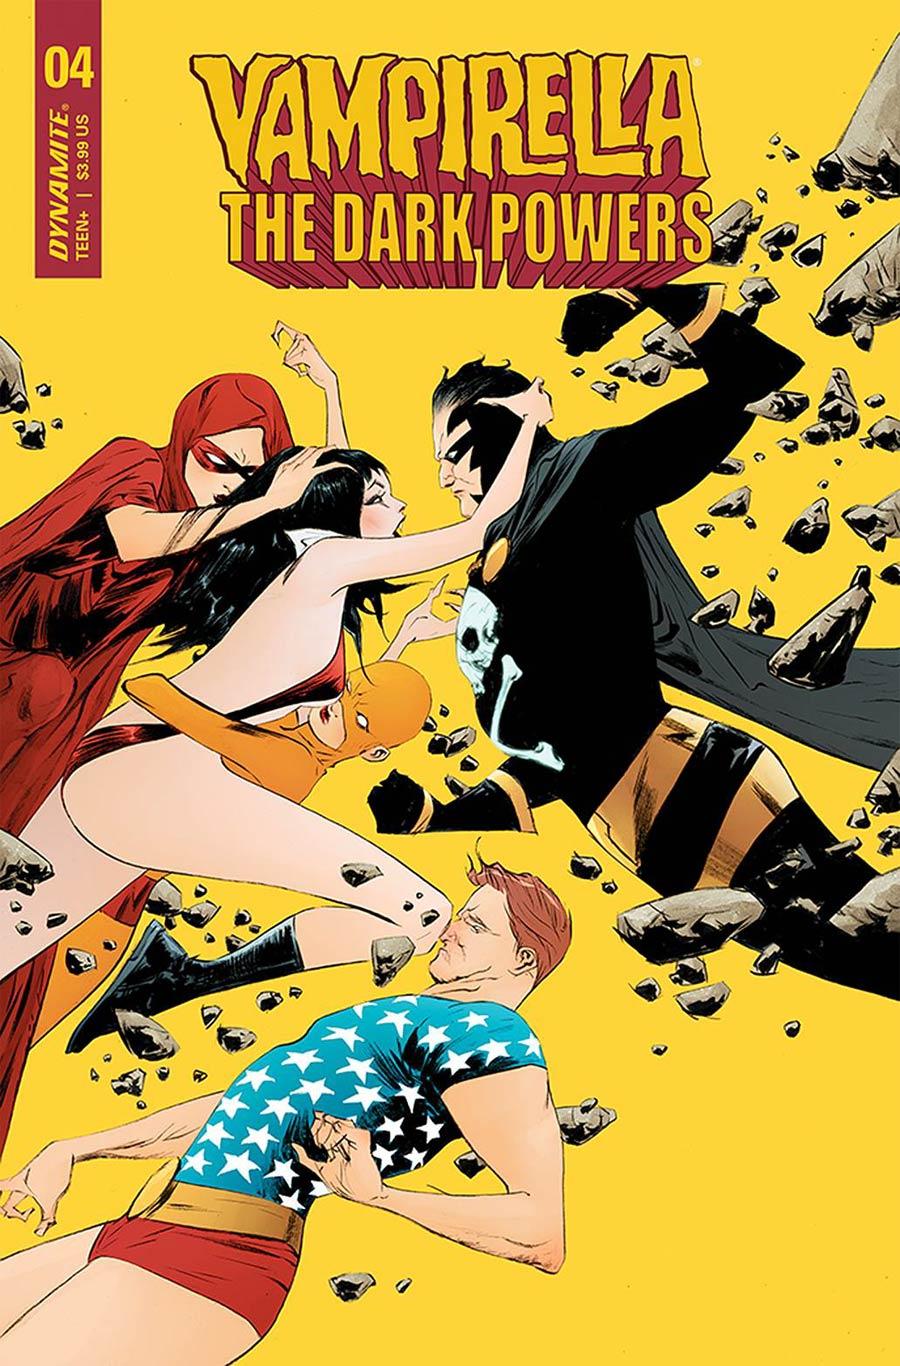 Vampirella The Dark Powers #4 Cover A Regular Jae Lee Cover